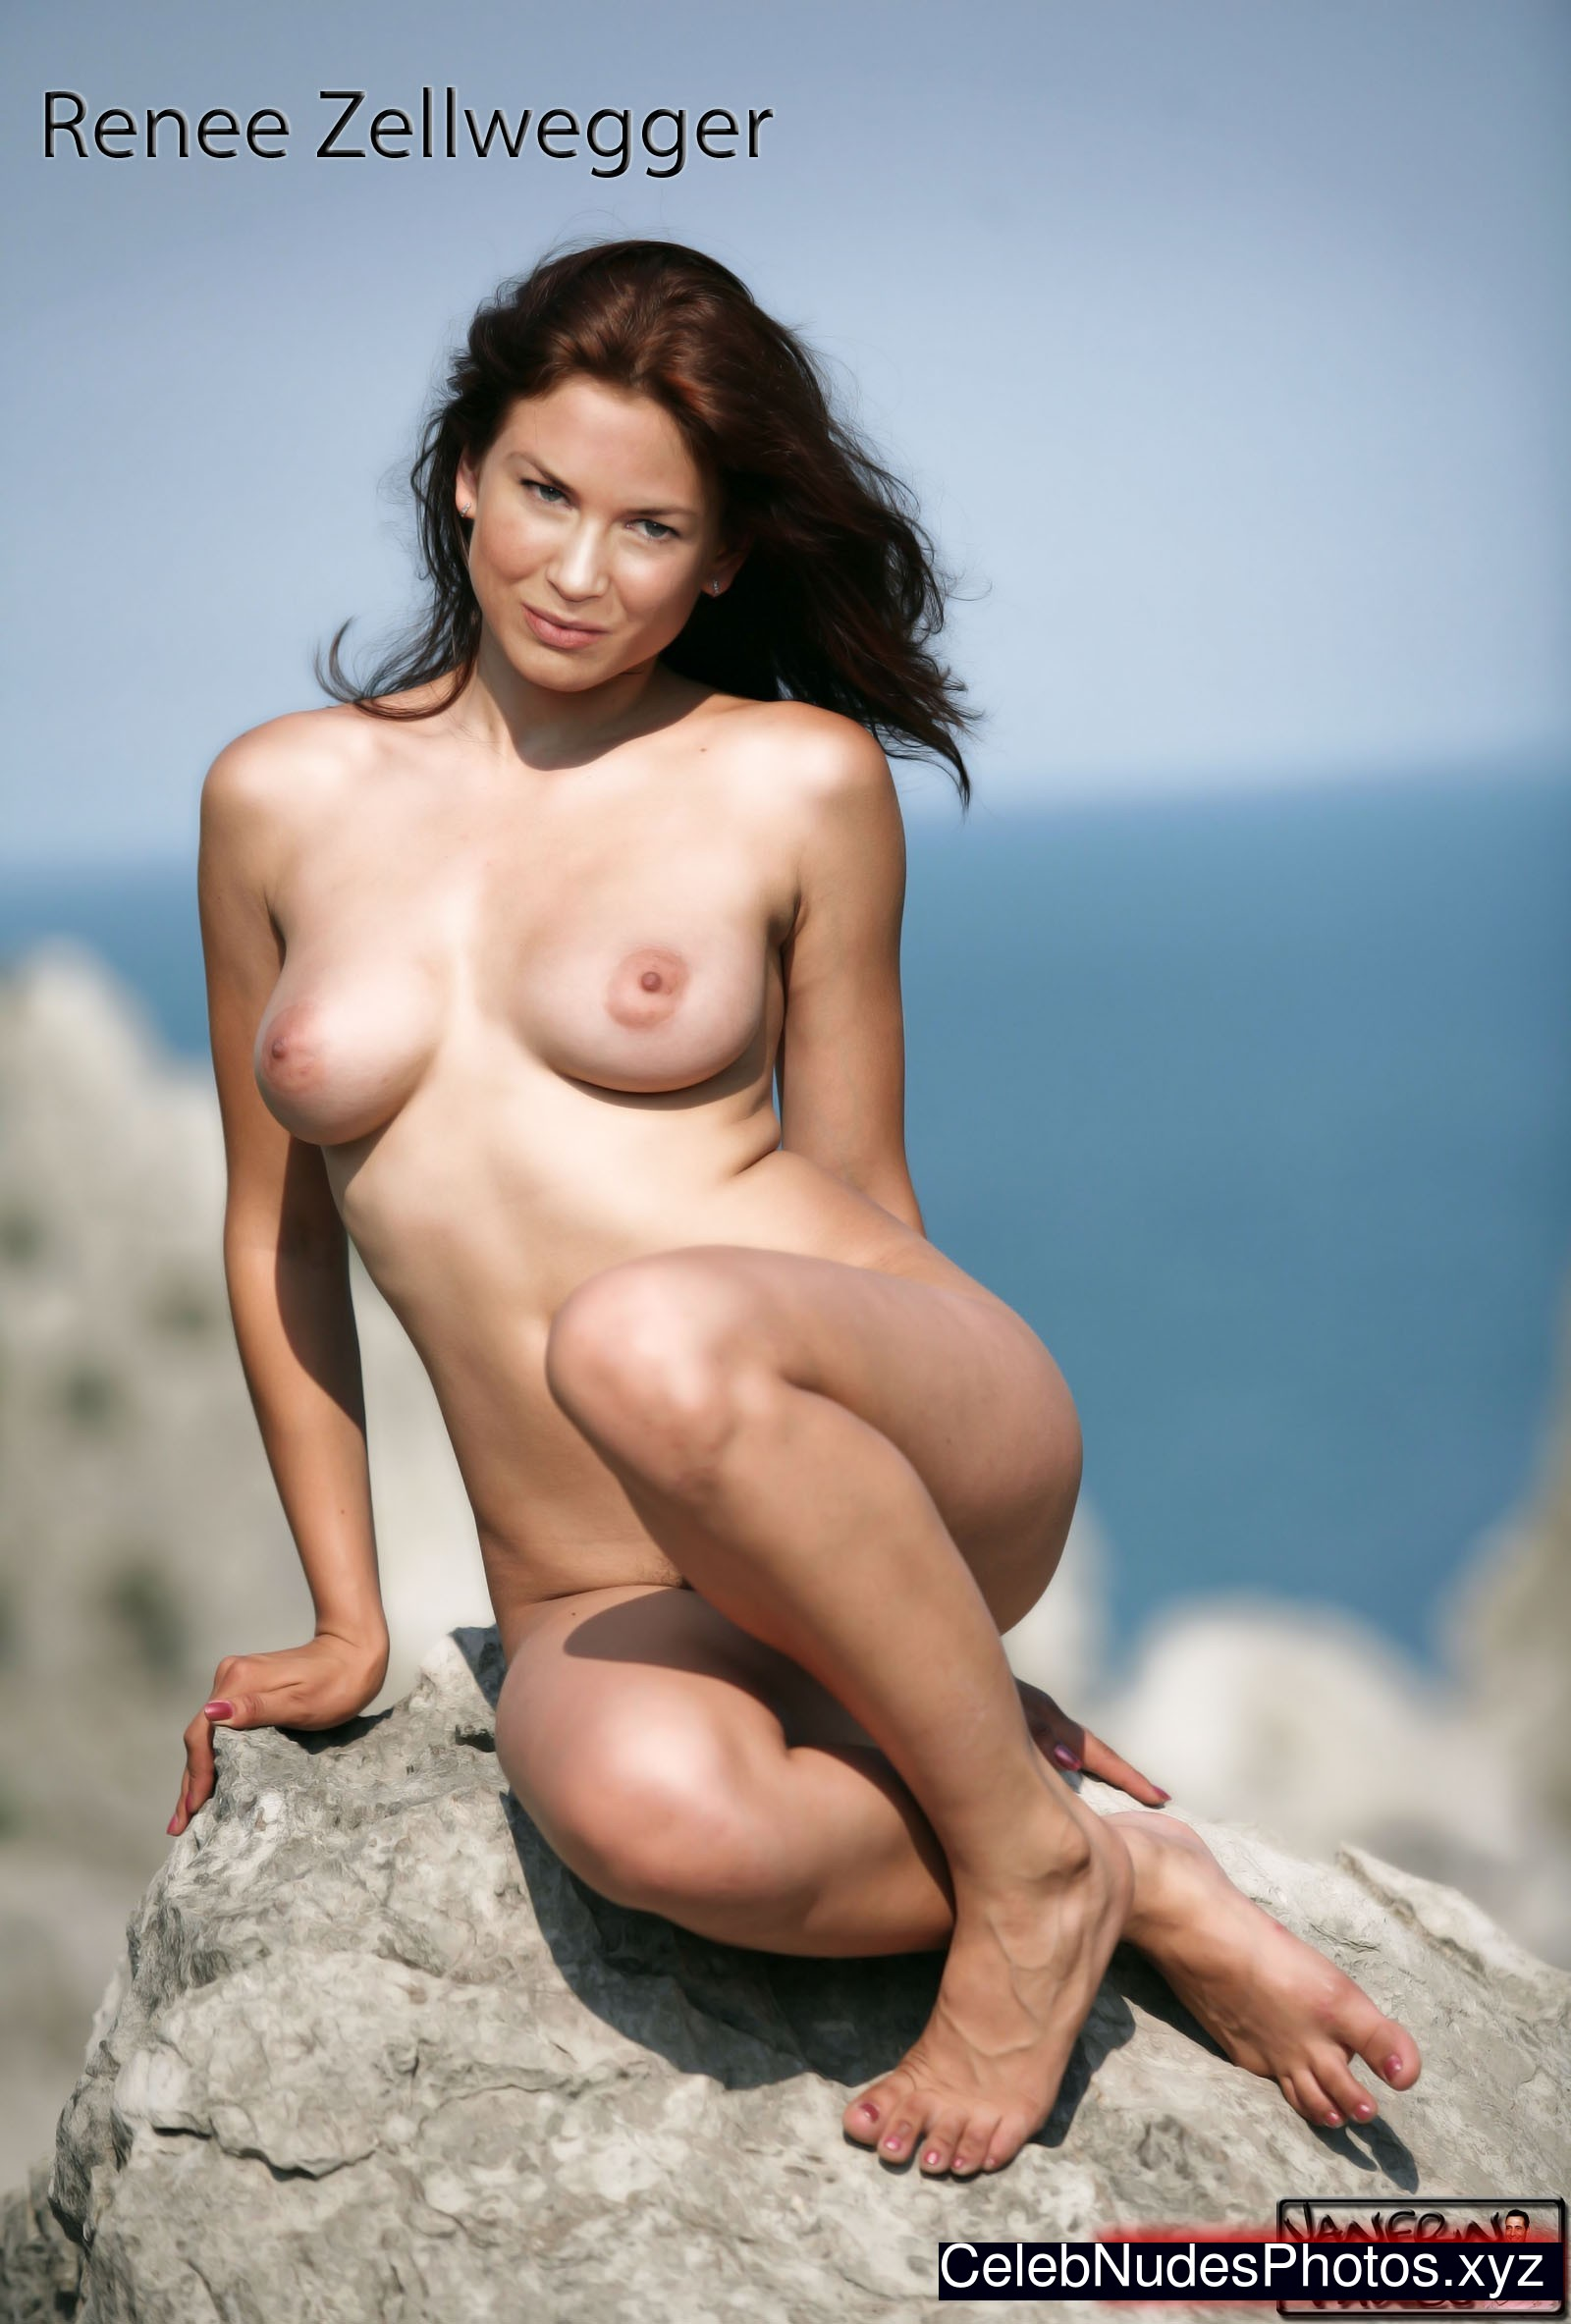 search renee zellweger nude